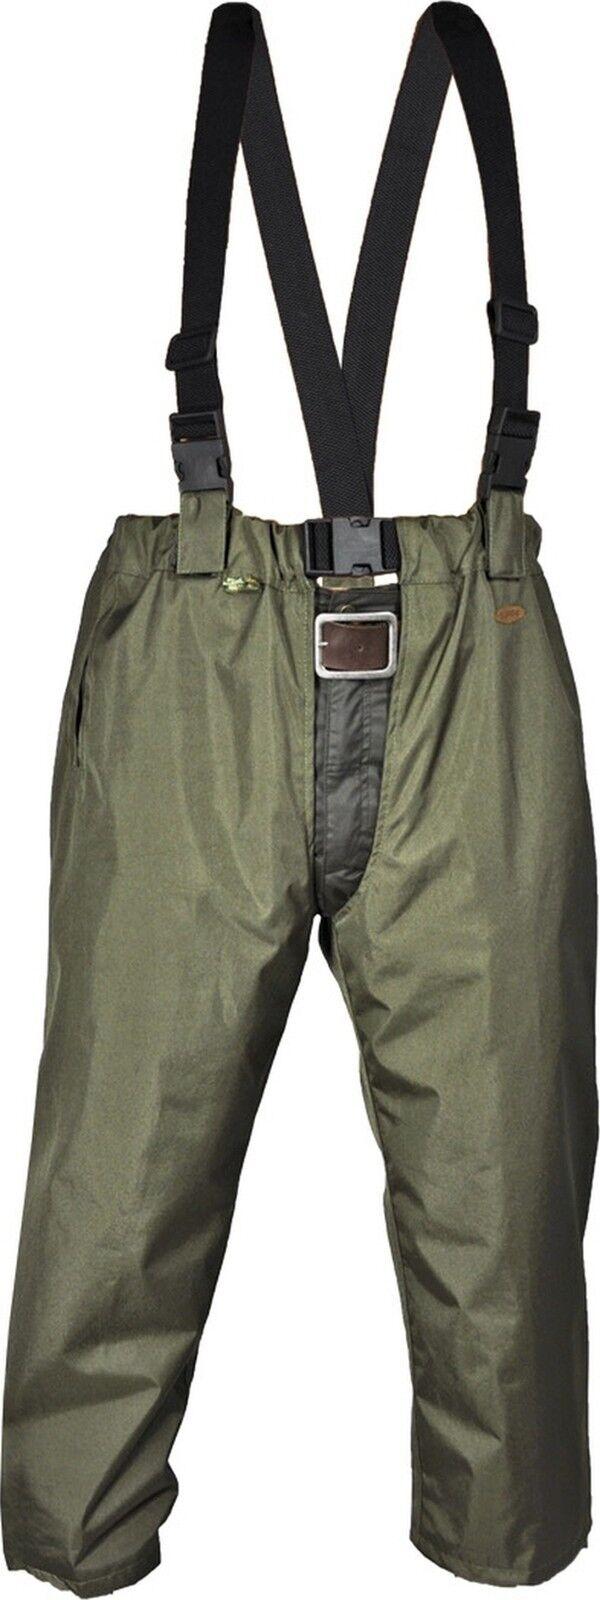 Schützen Sie Ihre Hose mit Beinlinge - Chaps wasser- winddicht oliv von HUBERTUS